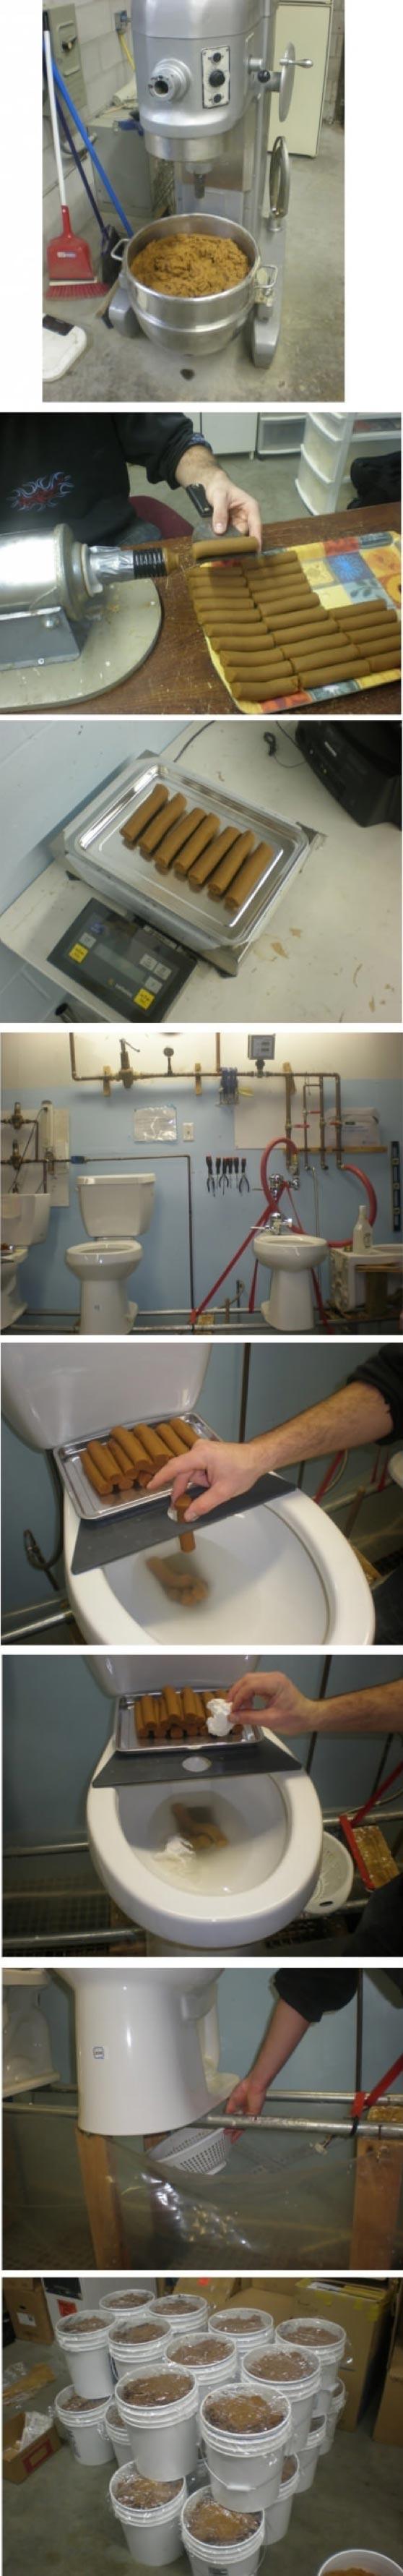 pire metier du monde testeur de toilettes WC fabriquer faux caca merde